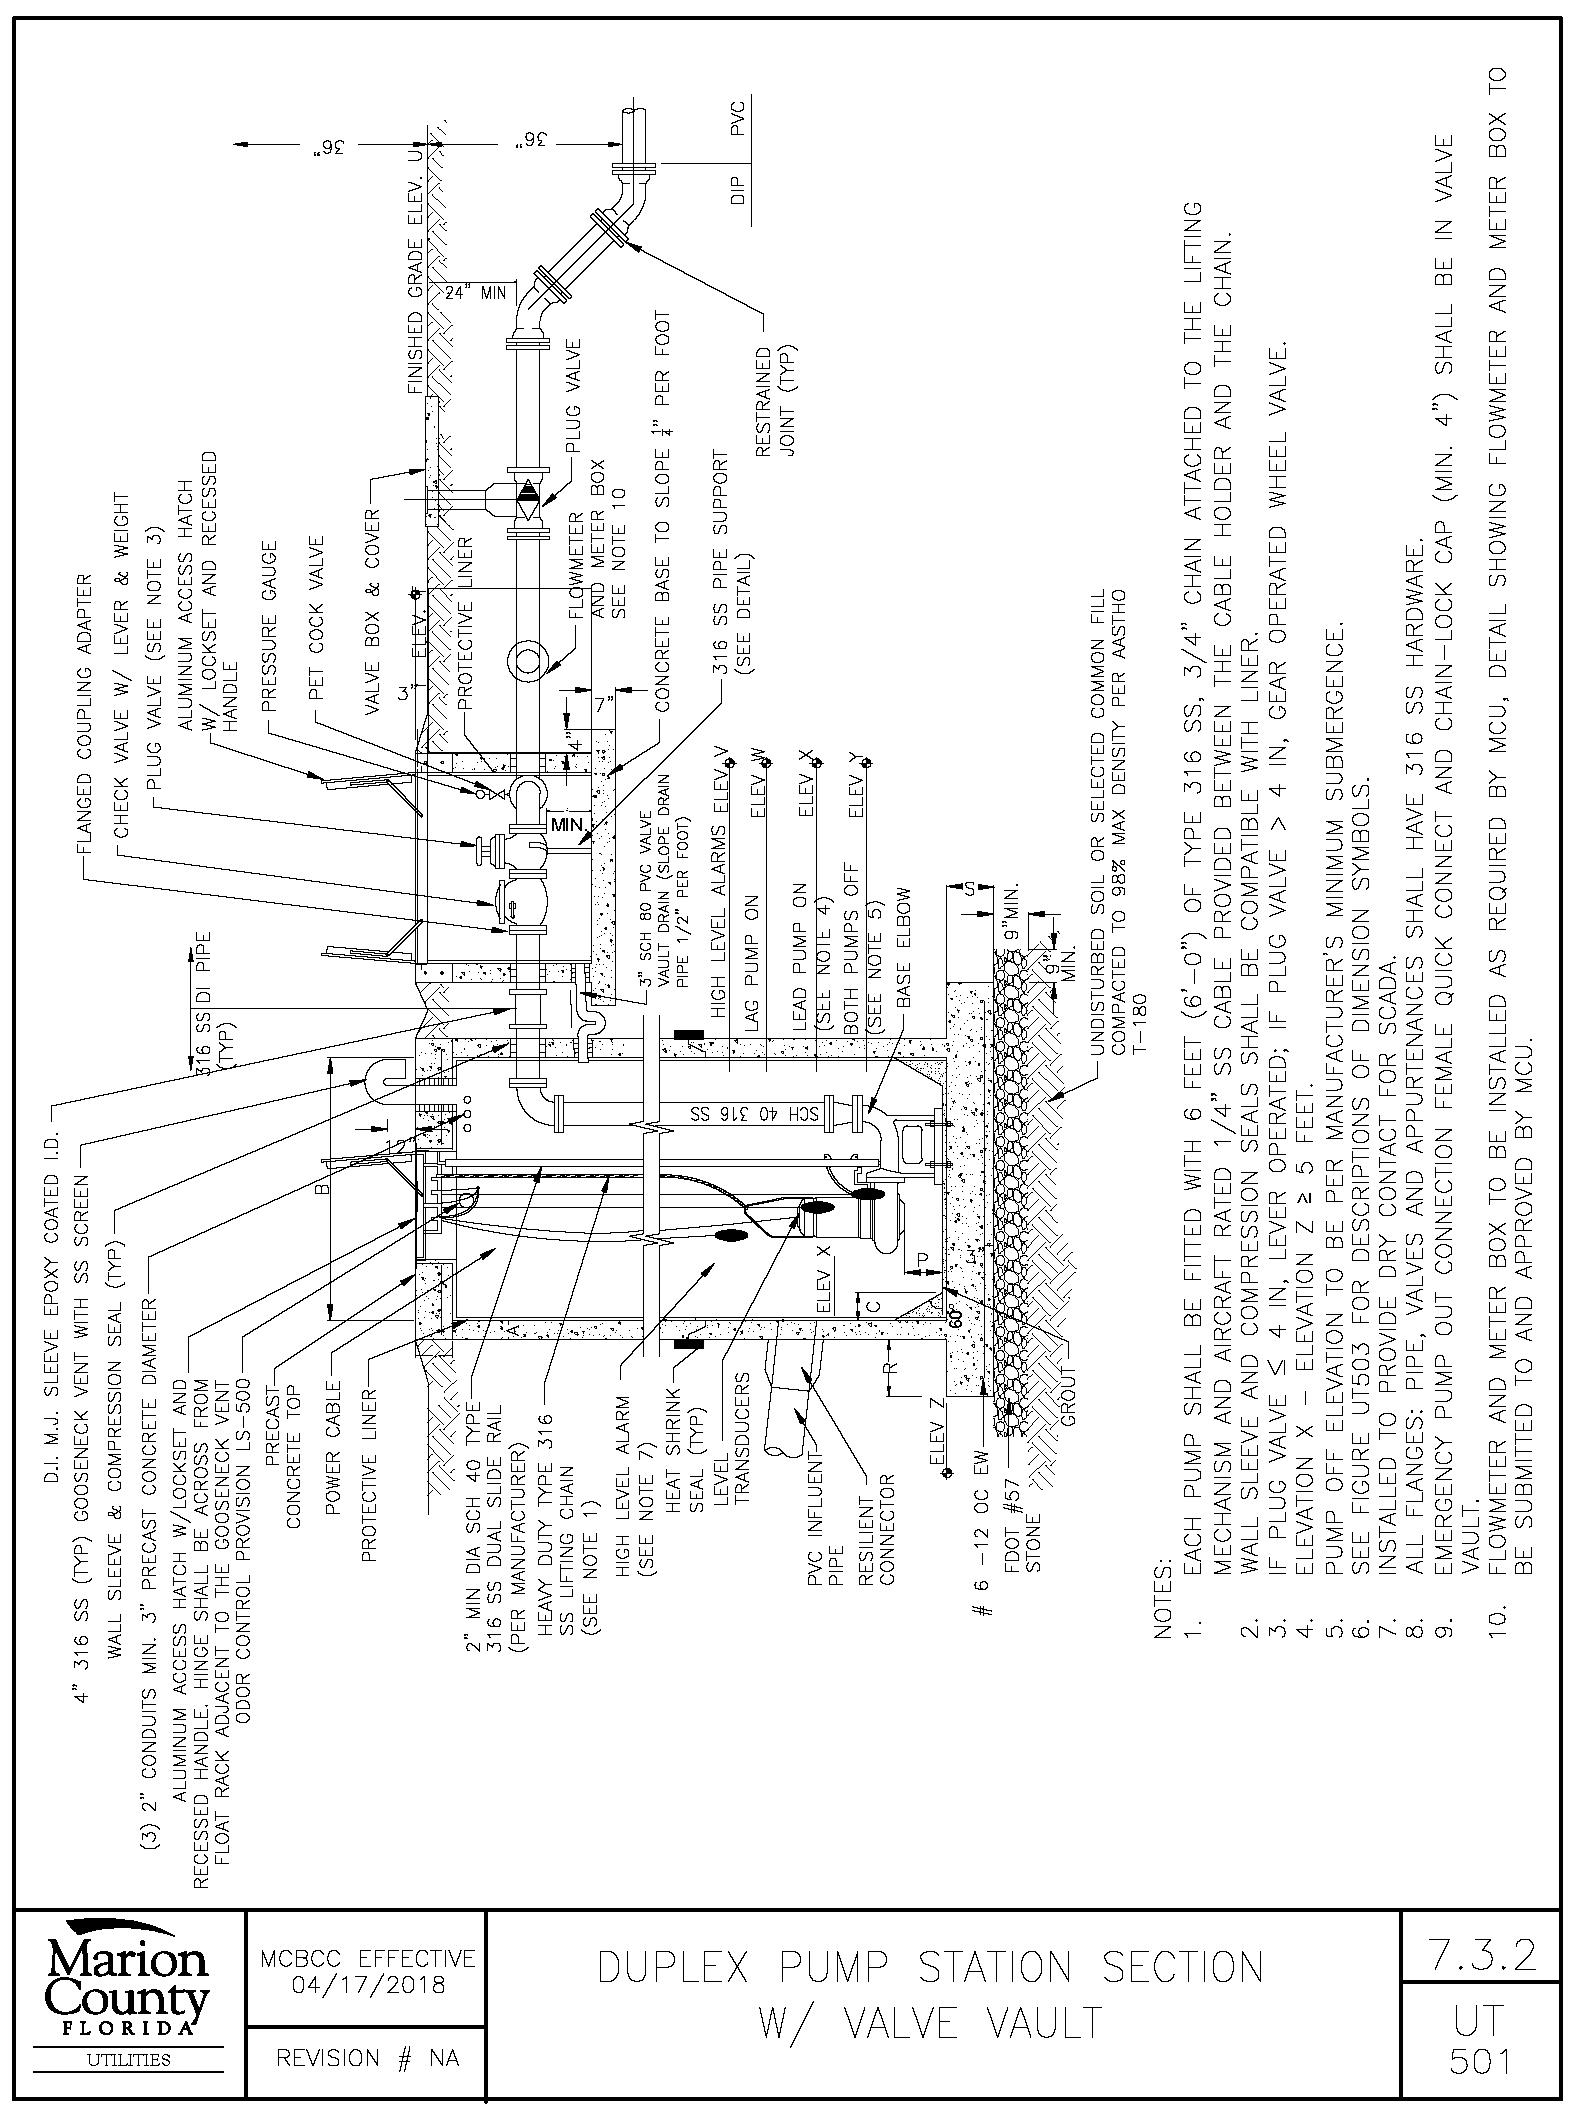 § 7.3.2. Utilities., Division 3. DESIGN DETAILS, Article 7